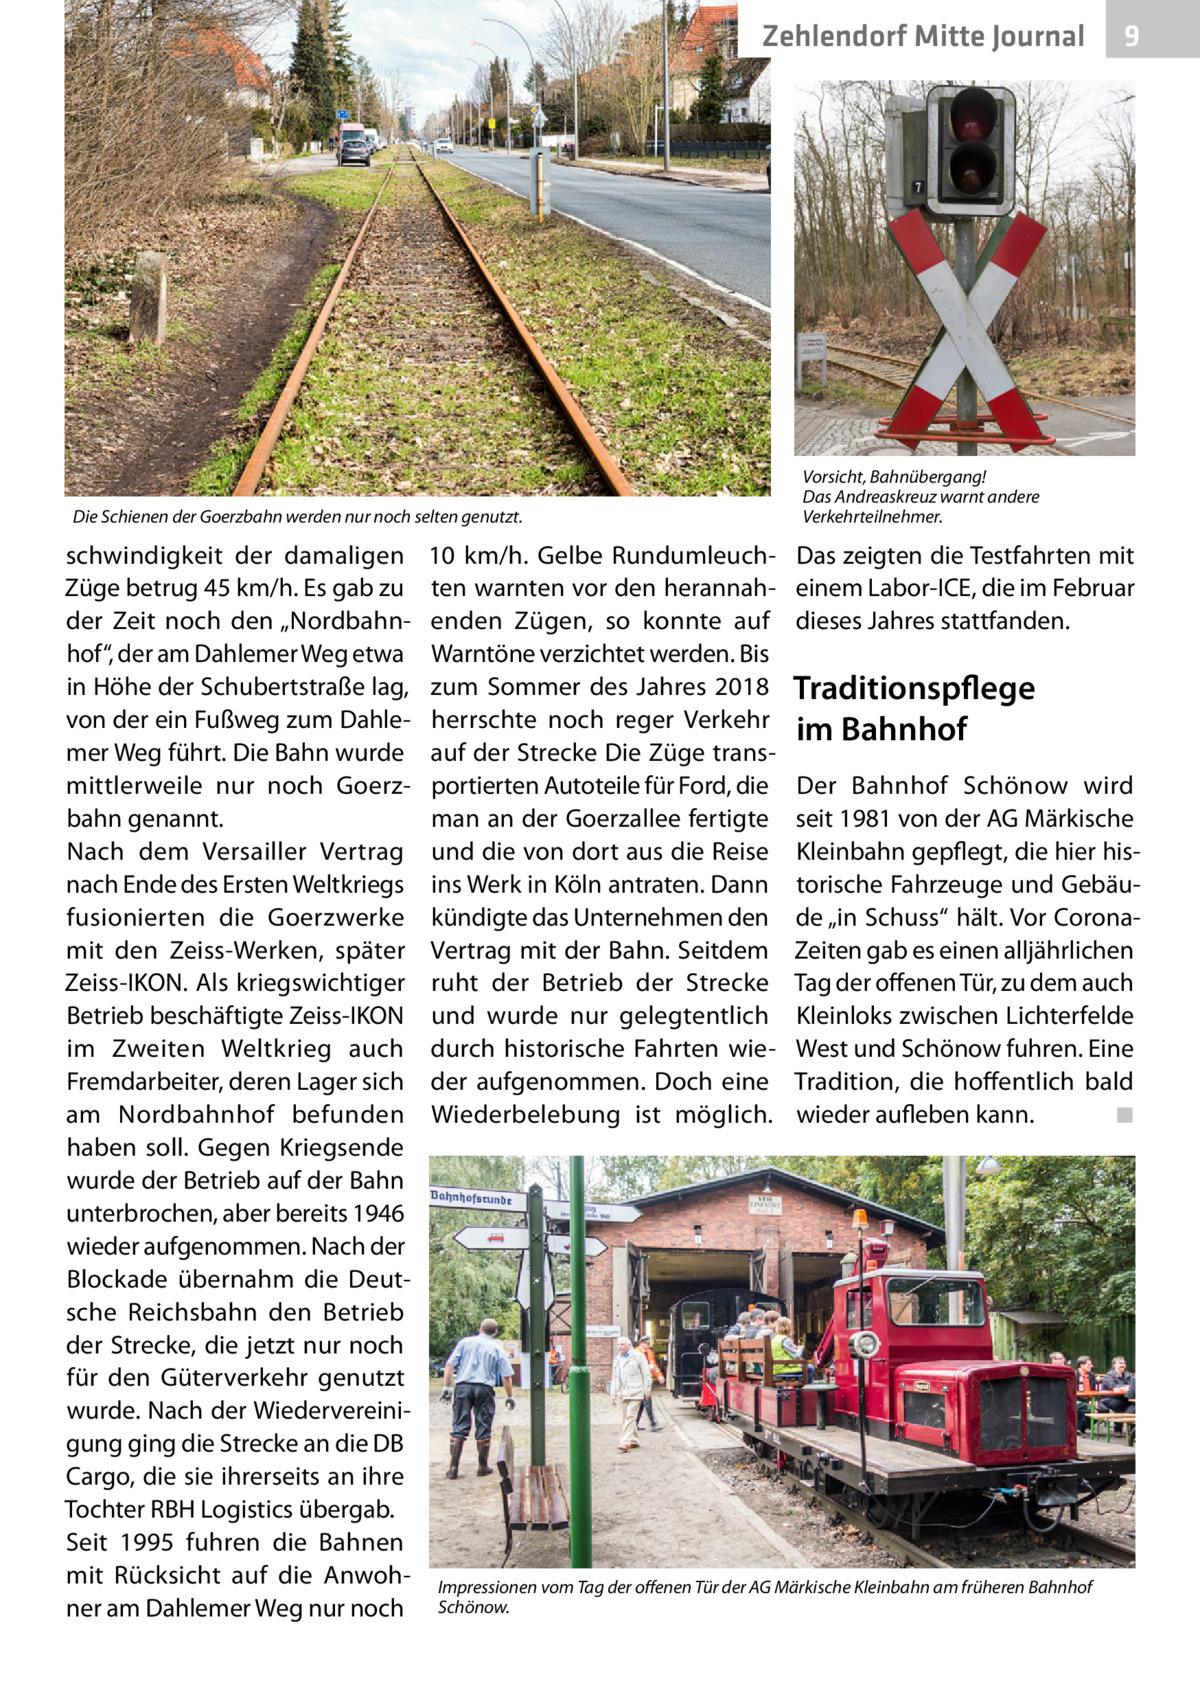 """Zehlendorf Mitte Journal  Die Schienen der Goerzbahn werden nur noch selten genutzt.  schwindigkeit der damaligen Züge betrug 45km/h. Es gab zu der Zeit noch den """"Nordbahnhof"""", der am Dahlemer Weg etwa in Höhe der Schubertstraße lag, von der ein Fußweg zum Dahlemer Weg führt. Die Bahn wurde mittlerweile nur noch Goerzbahn genannt. Nach dem Versailler Vertrag nach Ende des Ersten Weltkriegs fusionierten die Goerzwerke mit den Zeiss-Werken, später Zeiss-IKON. Als kriegswichtiger Betrieb beschäftigte Zeiss-IKON im Zweiten Weltkrieg auch Fremdarbeiter, deren Lager sich am Nordbahnhof befunden haben soll. Gegen Kriegsende wurde der Betrieb auf der Bahn unterbrochen, aber bereits 1946 wieder aufgenommen. Nach der Blockade übernahm die Deutsche Reichsbahn den Betrieb der Strecke, die jetzt nur noch für den Güterverkehr genutzt wurde. Nach der Wiedervereinigung ging die Strecke an die DB Cargo, die sie ihrerseits an ihre Tochter RBH Logistics übergab. Seit 1995 fuhren die Bahnen mit Rücksicht auf die Anwohner am Dahlemer Weg nur noch  10 km/h. Gelbe Rundumleuchten warnten vor den herannahenden Zügen, so konnte auf Warntöne verzichtet werden. Bis zum Sommer des Jahres 2018 herrschte noch reger Verkehr auf der Strecke Die Züge transportierten Autoteile für Ford, die man an der Goerzallee fertigte und die von dort aus die Reise ins Werk in Köln antraten. Dann kündigte das Unternehmen den Vertrag mit der Bahn. Seitdem ruht der Betrieb der Strecke und wurde nur gelegtentlich durch historische Fahrten wieder aufgenommen. Doch eine Wiederbelebung ist möglich.  9  Vorsicht, Bahnübergang! Das Andreaskreuz warnt andere Verkehrteilnehmer.  Das zeigten die Testfahrten mit einem Labor-ICE, die im Februar dieses Jahres stattfanden.  Traditionspflege im Bahnhof Der Bahnhof Schönow wird seit 1981 von der AG Märkische Kleinbahn gepflegt, die hier historische Fahrzeuge und Gebäude """"in Schuss"""" hält. Vor CoronaZeiten gab es einen alljährlichen Tag der offenen Tür, zu dem auch Kleinloks zwische"""